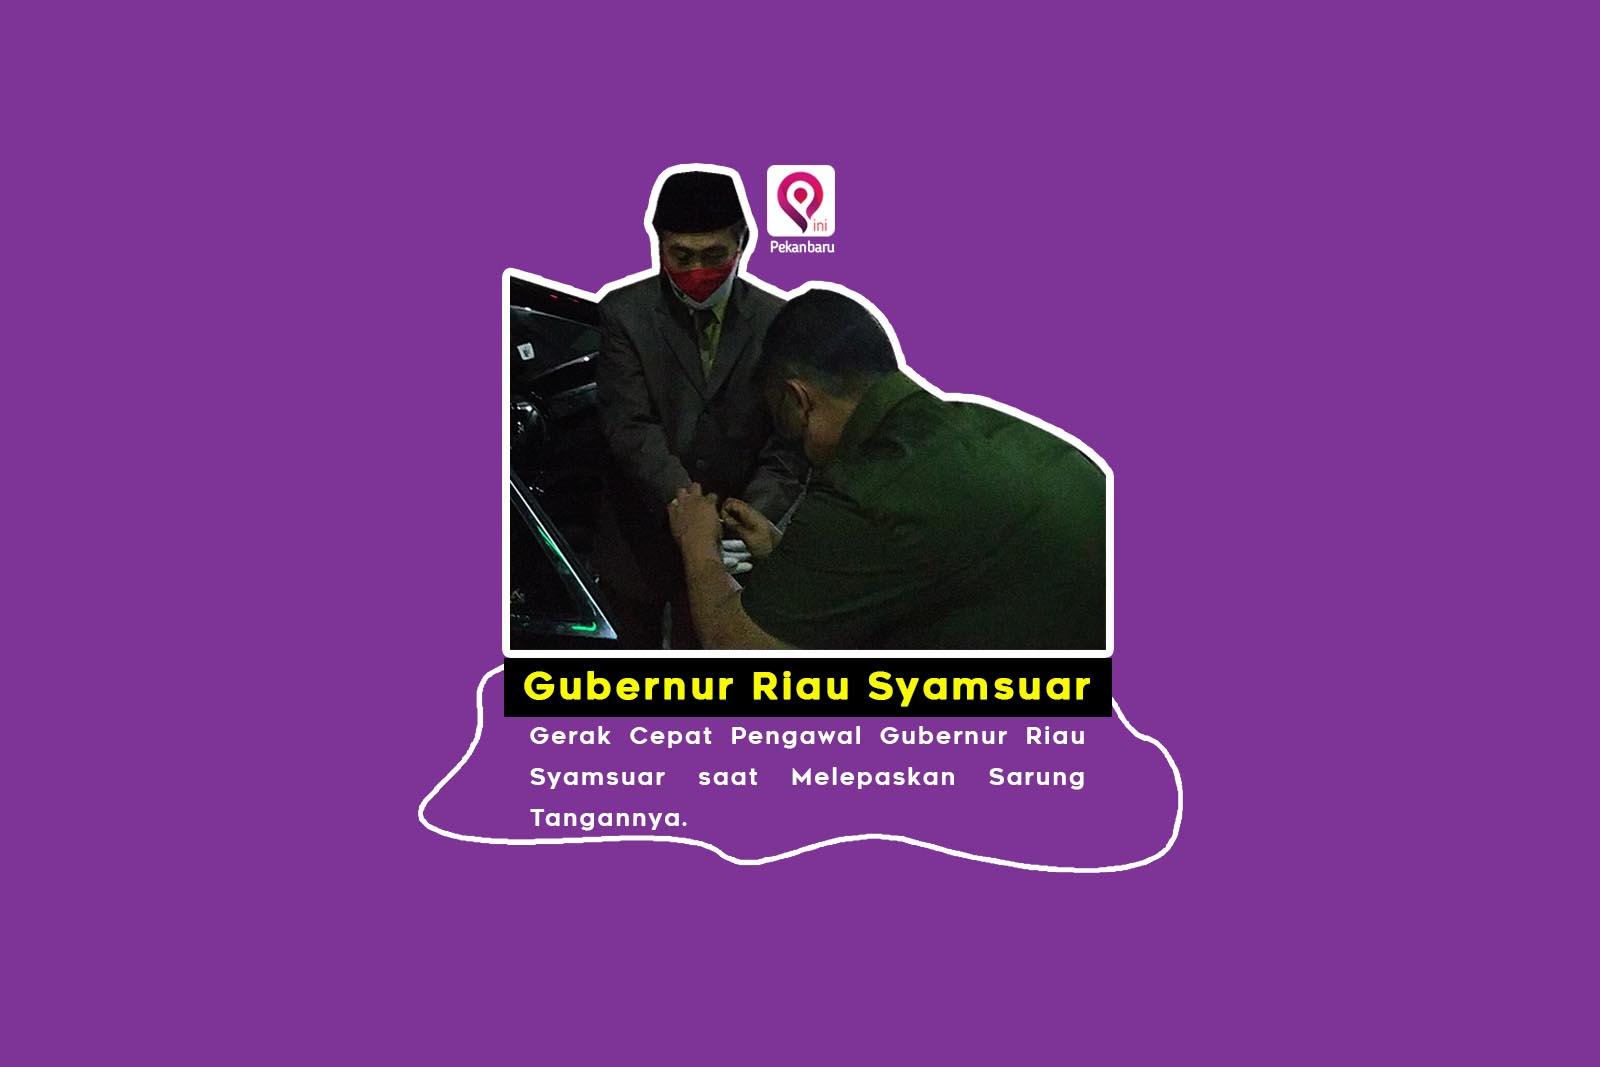 Gerak Cepat Pengawal Gubernur Riau Syamsuar Melepaskan Sarung Tangannya